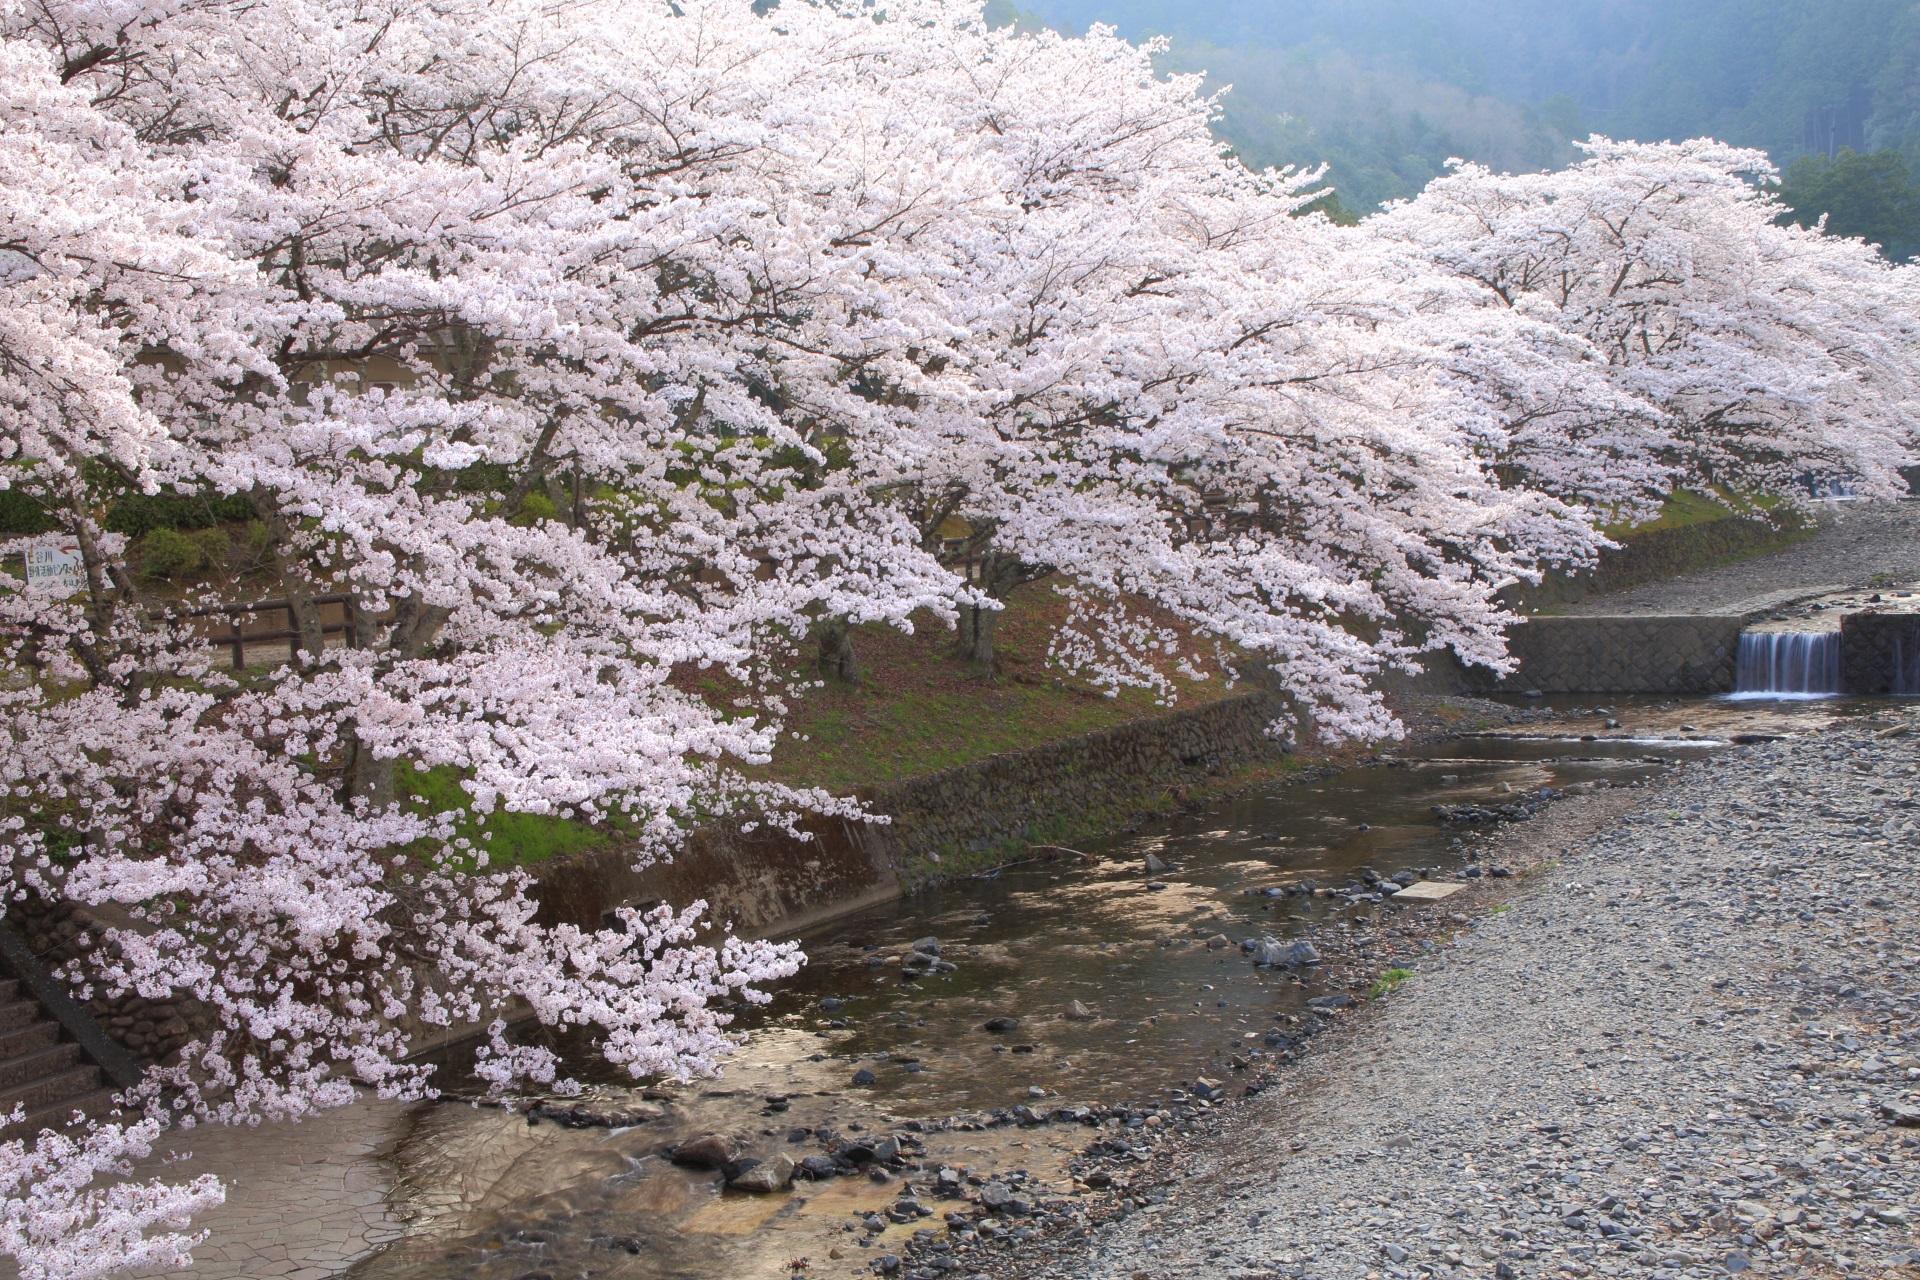 七谷川の川面を華やぐ絶品の桜